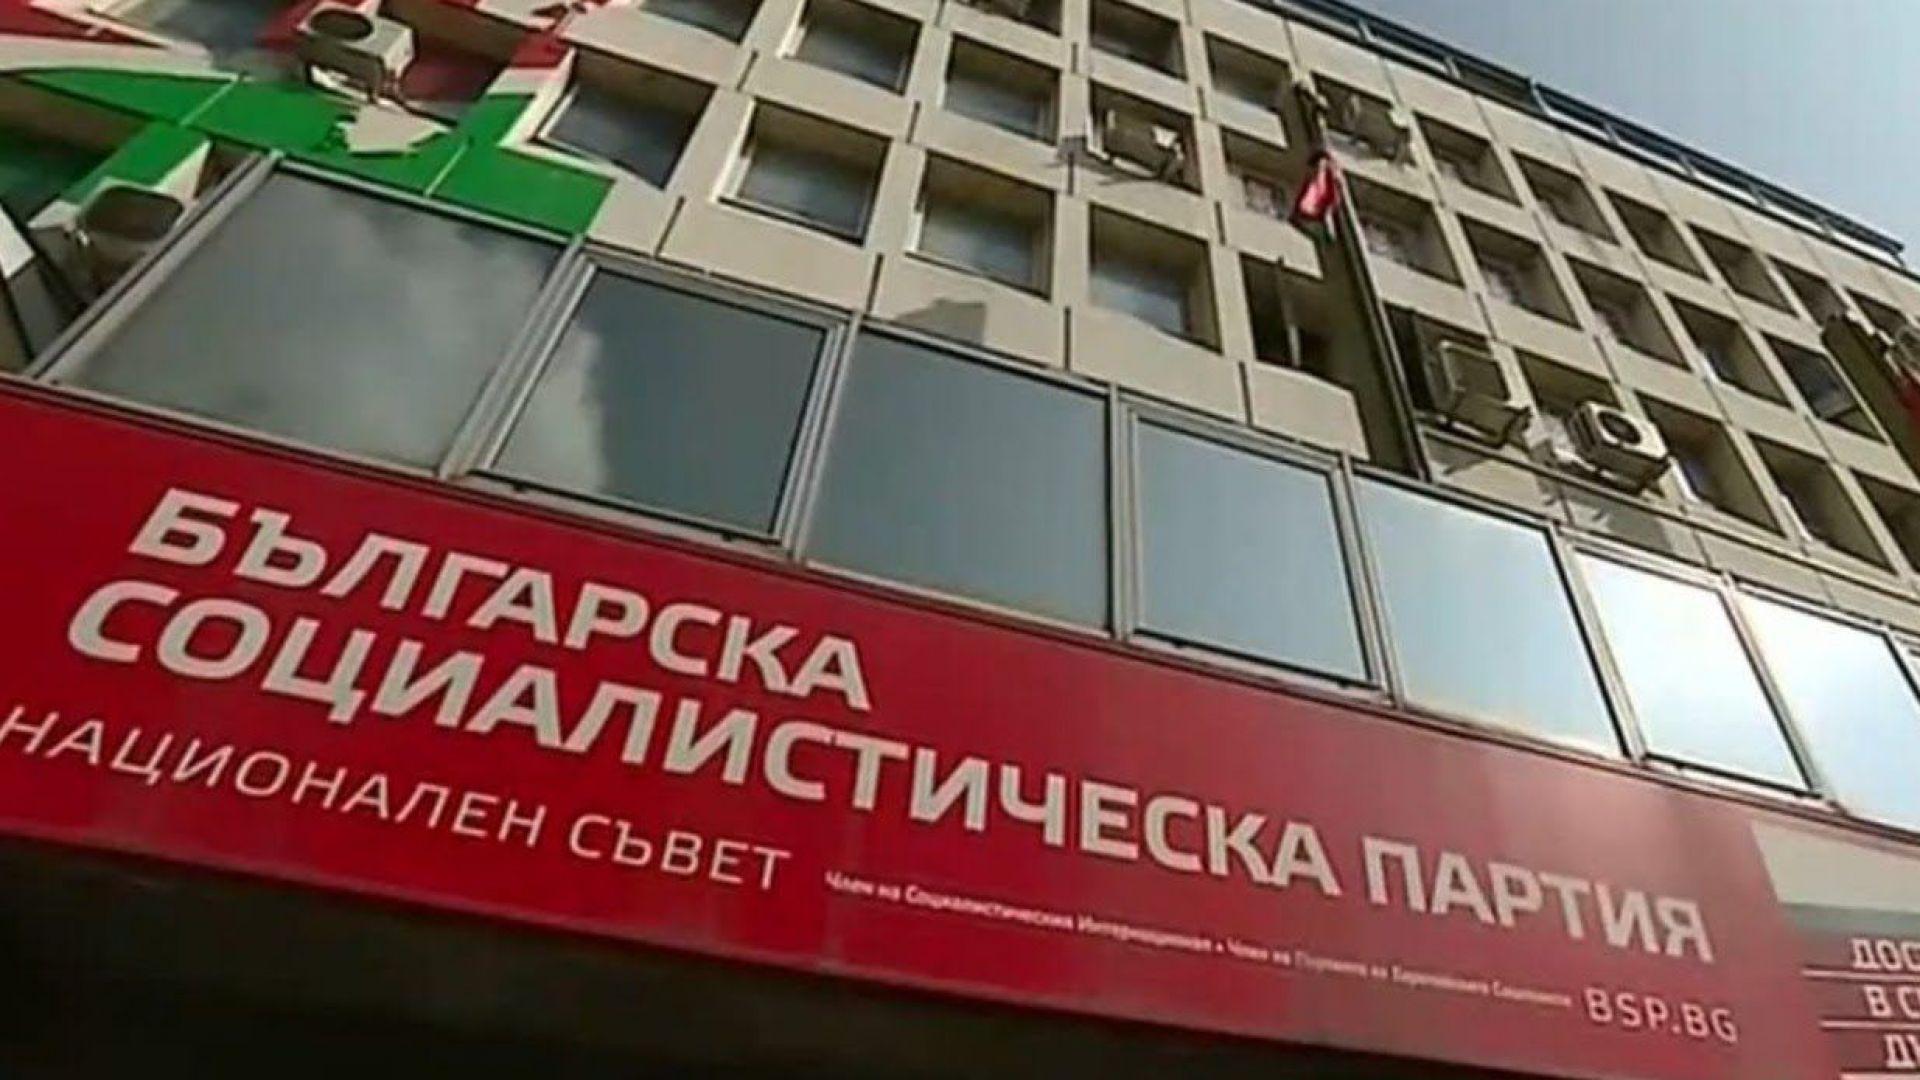 БСП-Пловдив не утвърди нито един кандидат-депутат в знак на протест срещу ръководството в София